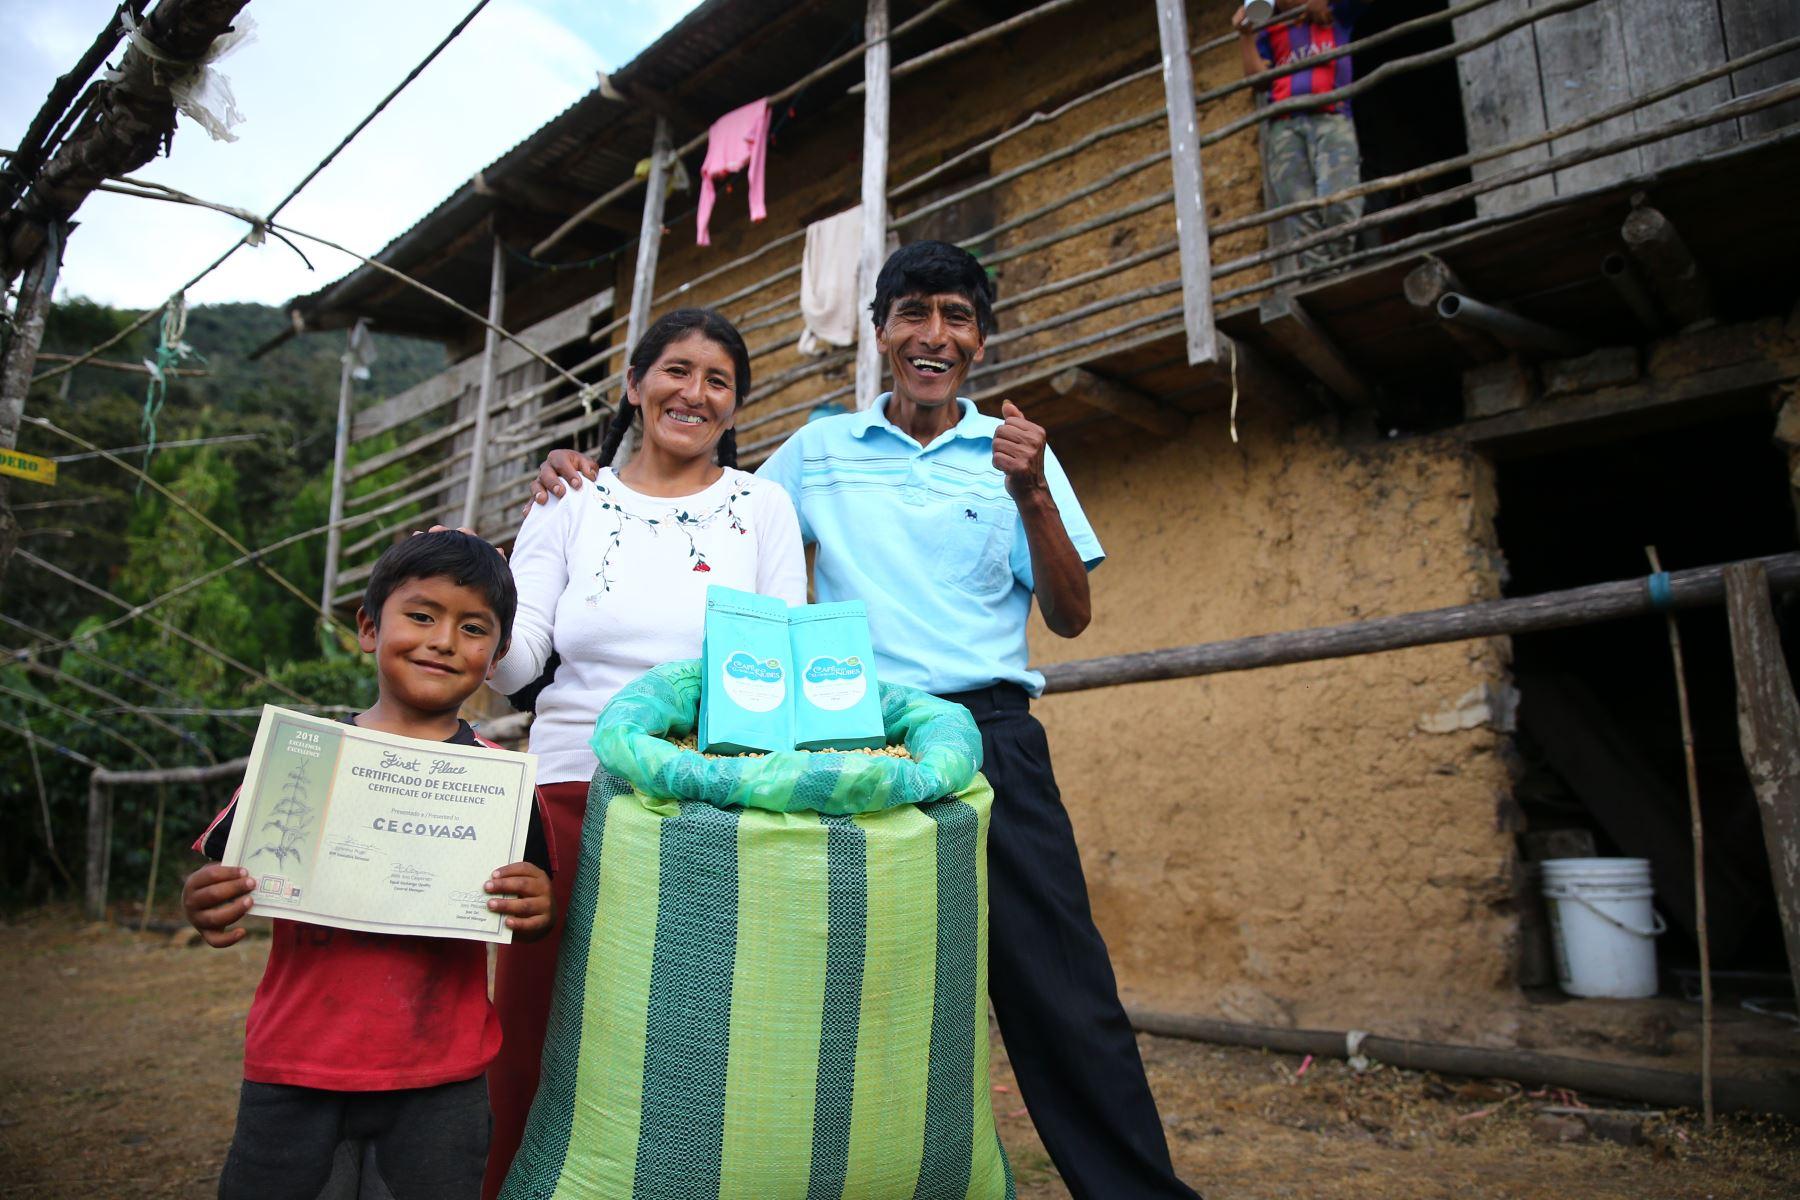 Vicentina Phocco y su esposo Pablo Mamani cultivan el mejor café del mundo en el valle de Sandia, en Puno. ANDINA/Luis Iparraguirre